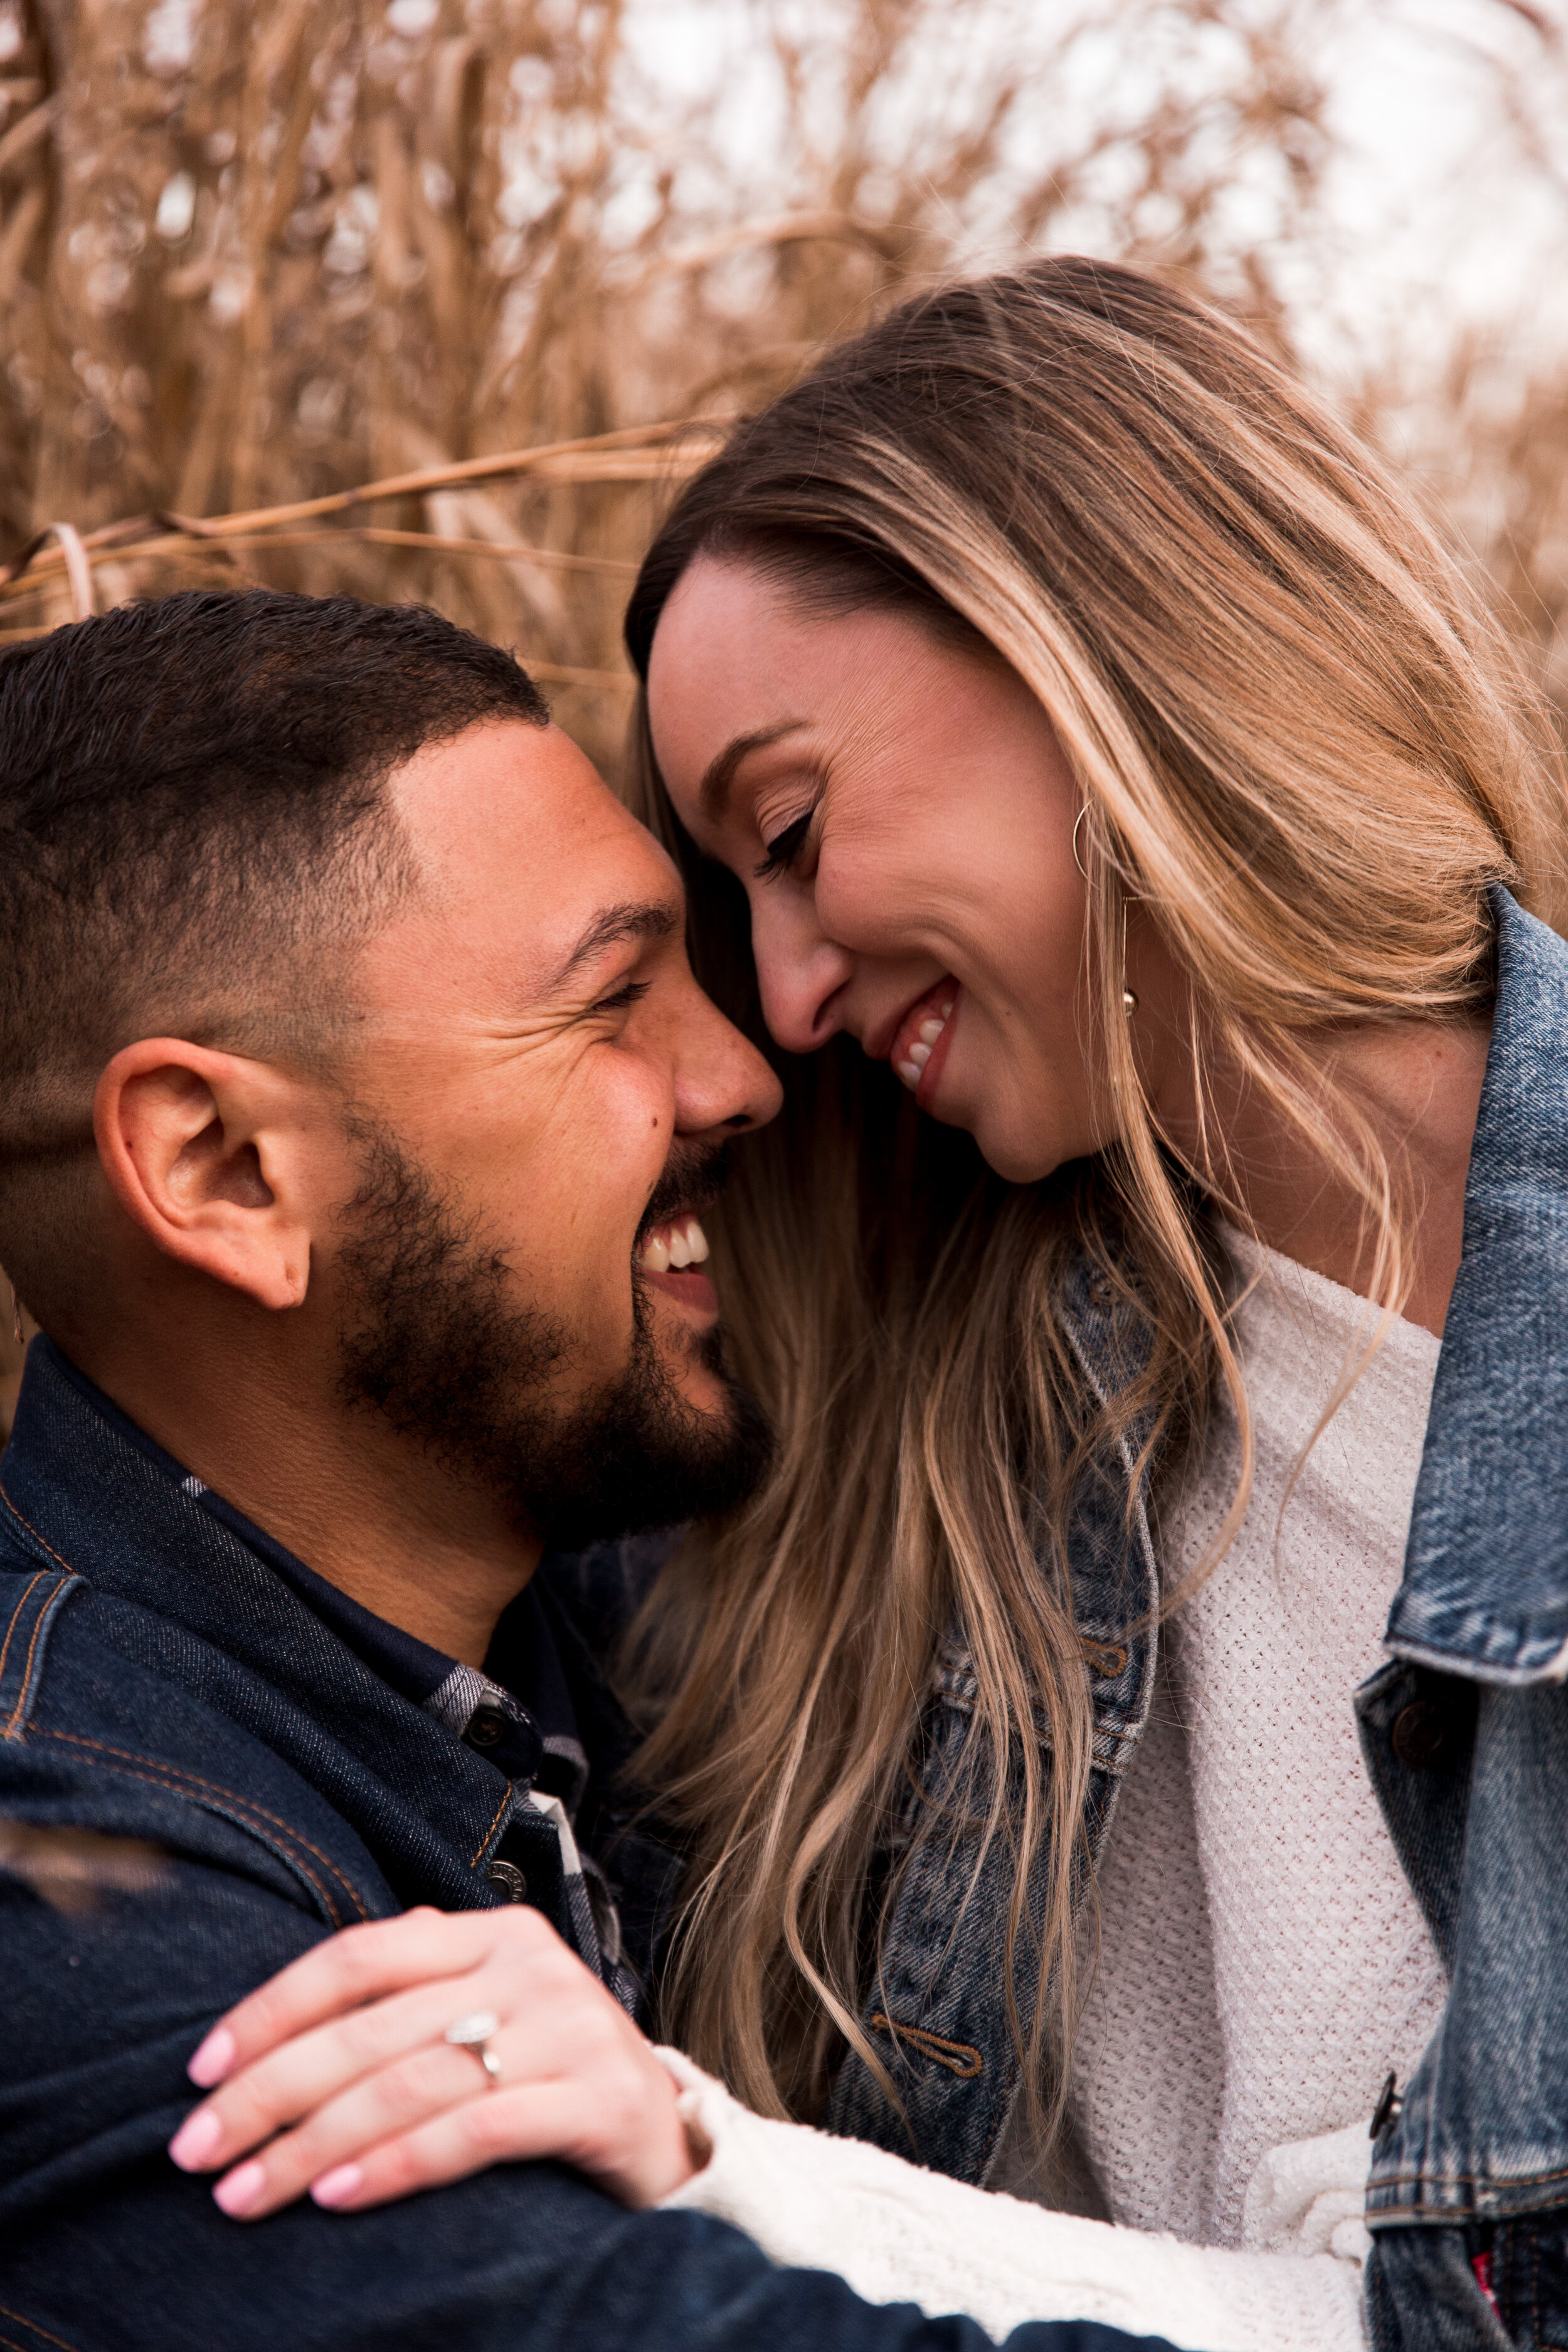 interracial dating fayetteville nc kdo je každý v jednom směru